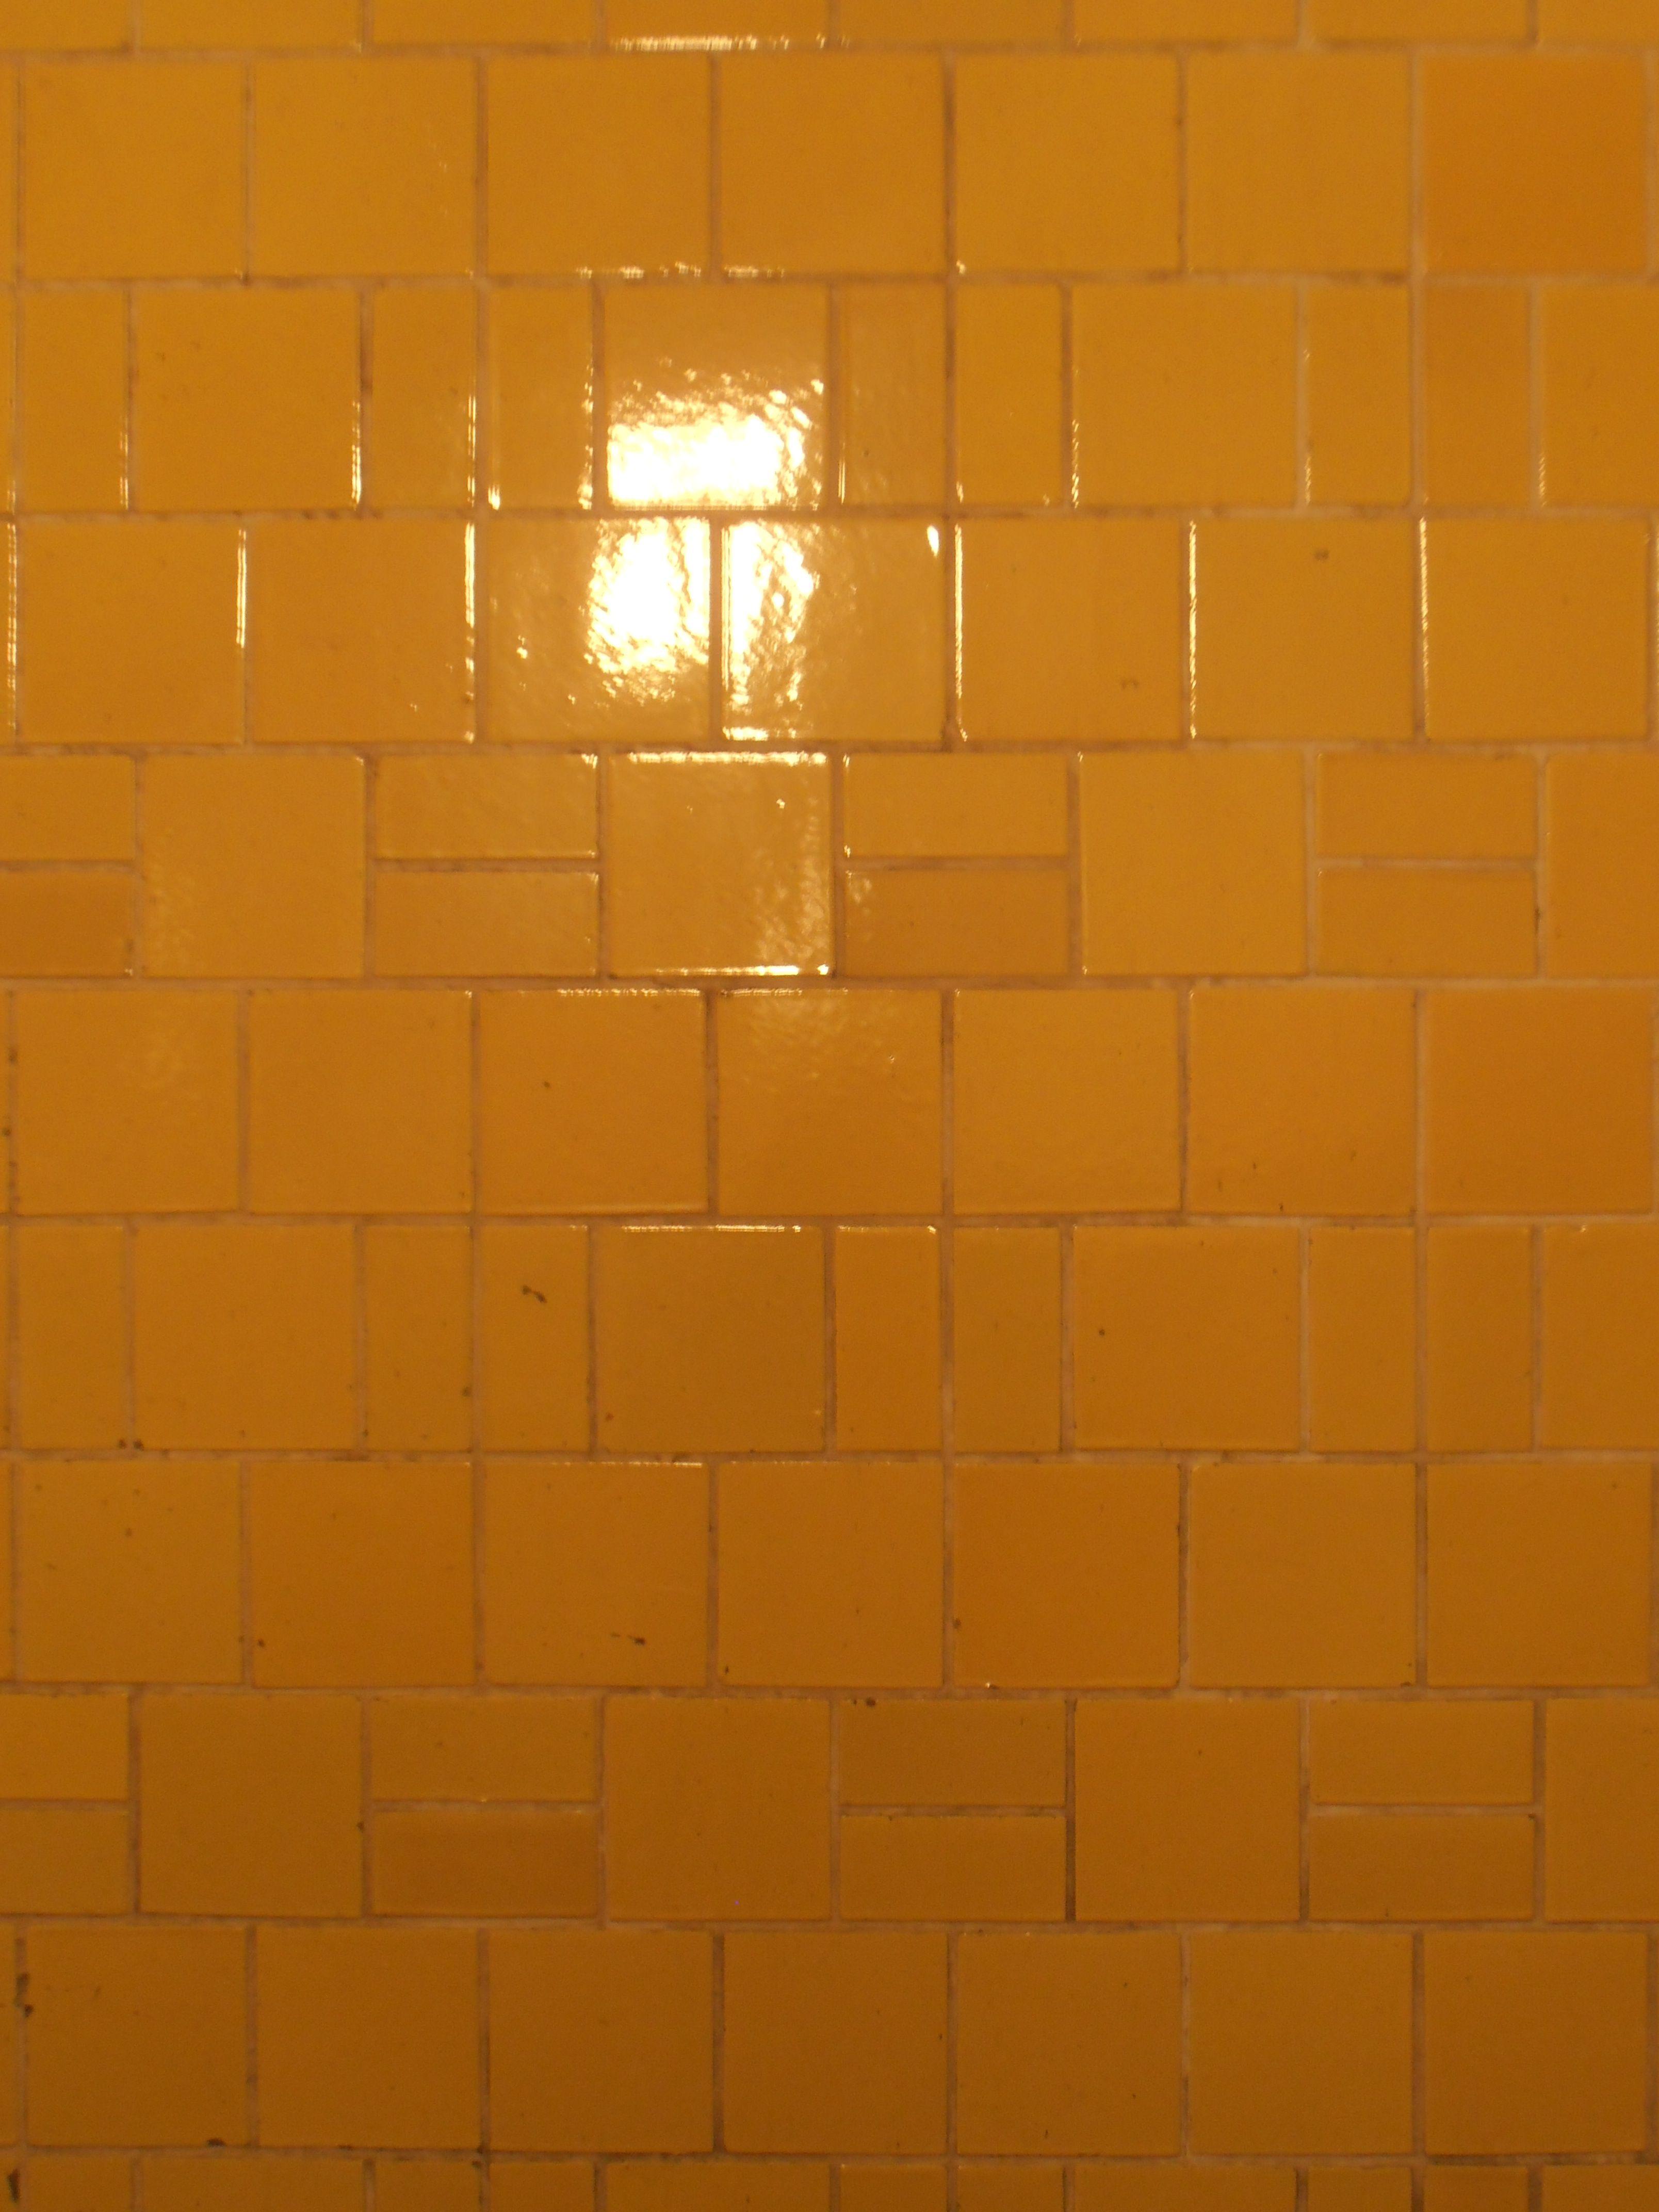 Yellow tiles, Verbandshaus der Deutschen Buchdrucker, Arch. Max Taut, Berlin, Germany